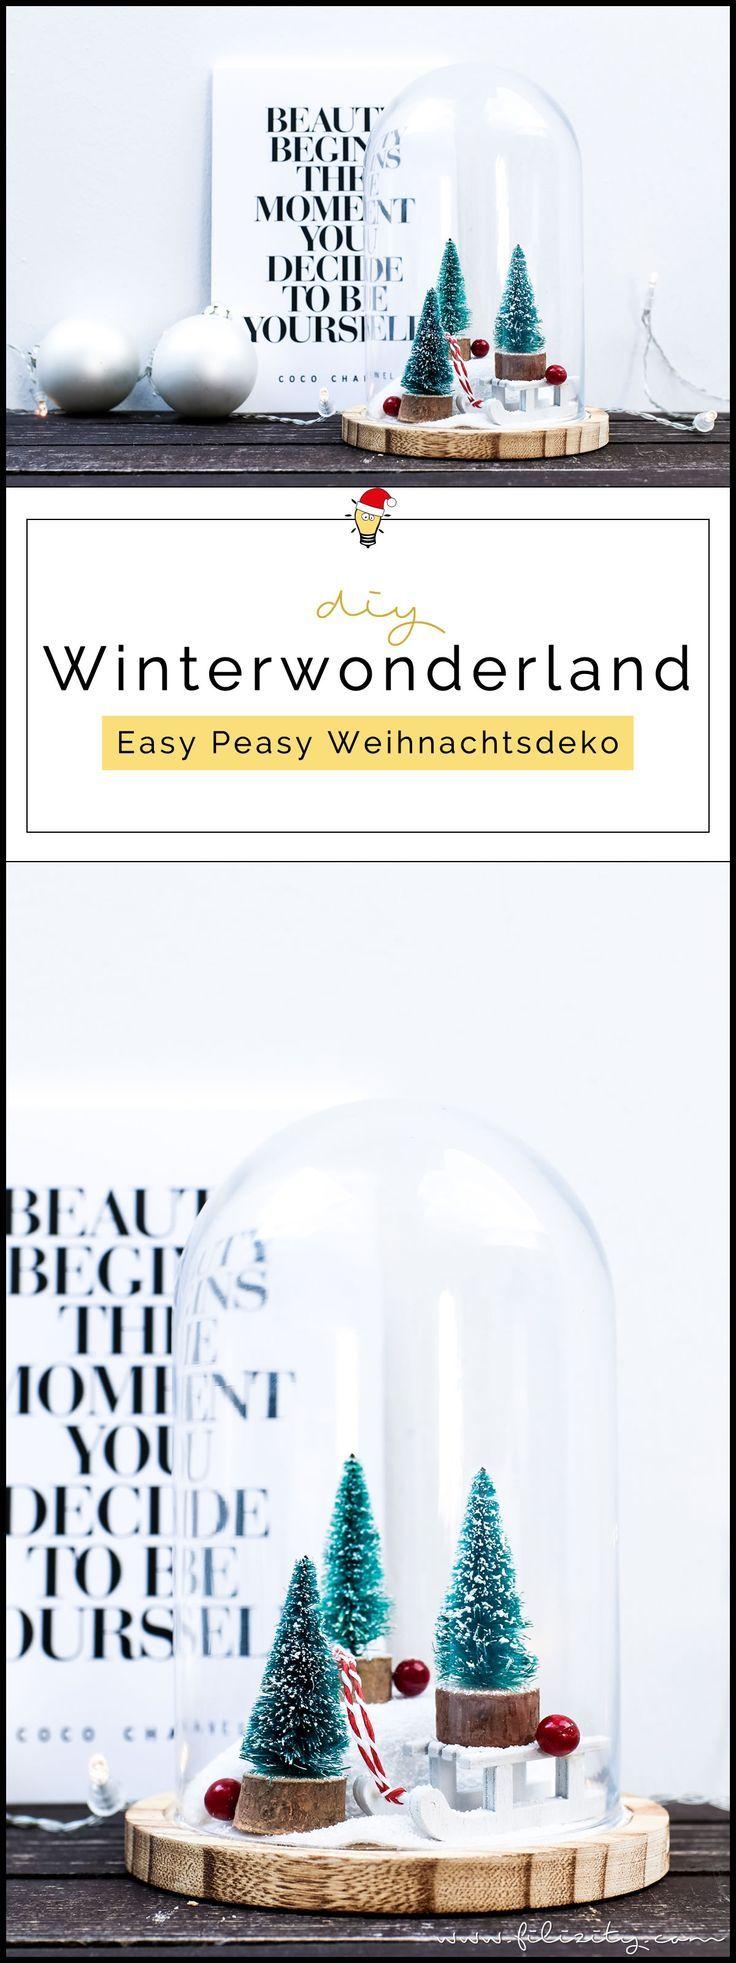 Weihnachtsdeko: Winterwonderland im Glas | Filizity.com | DIY-Blog aus dem Rheinland